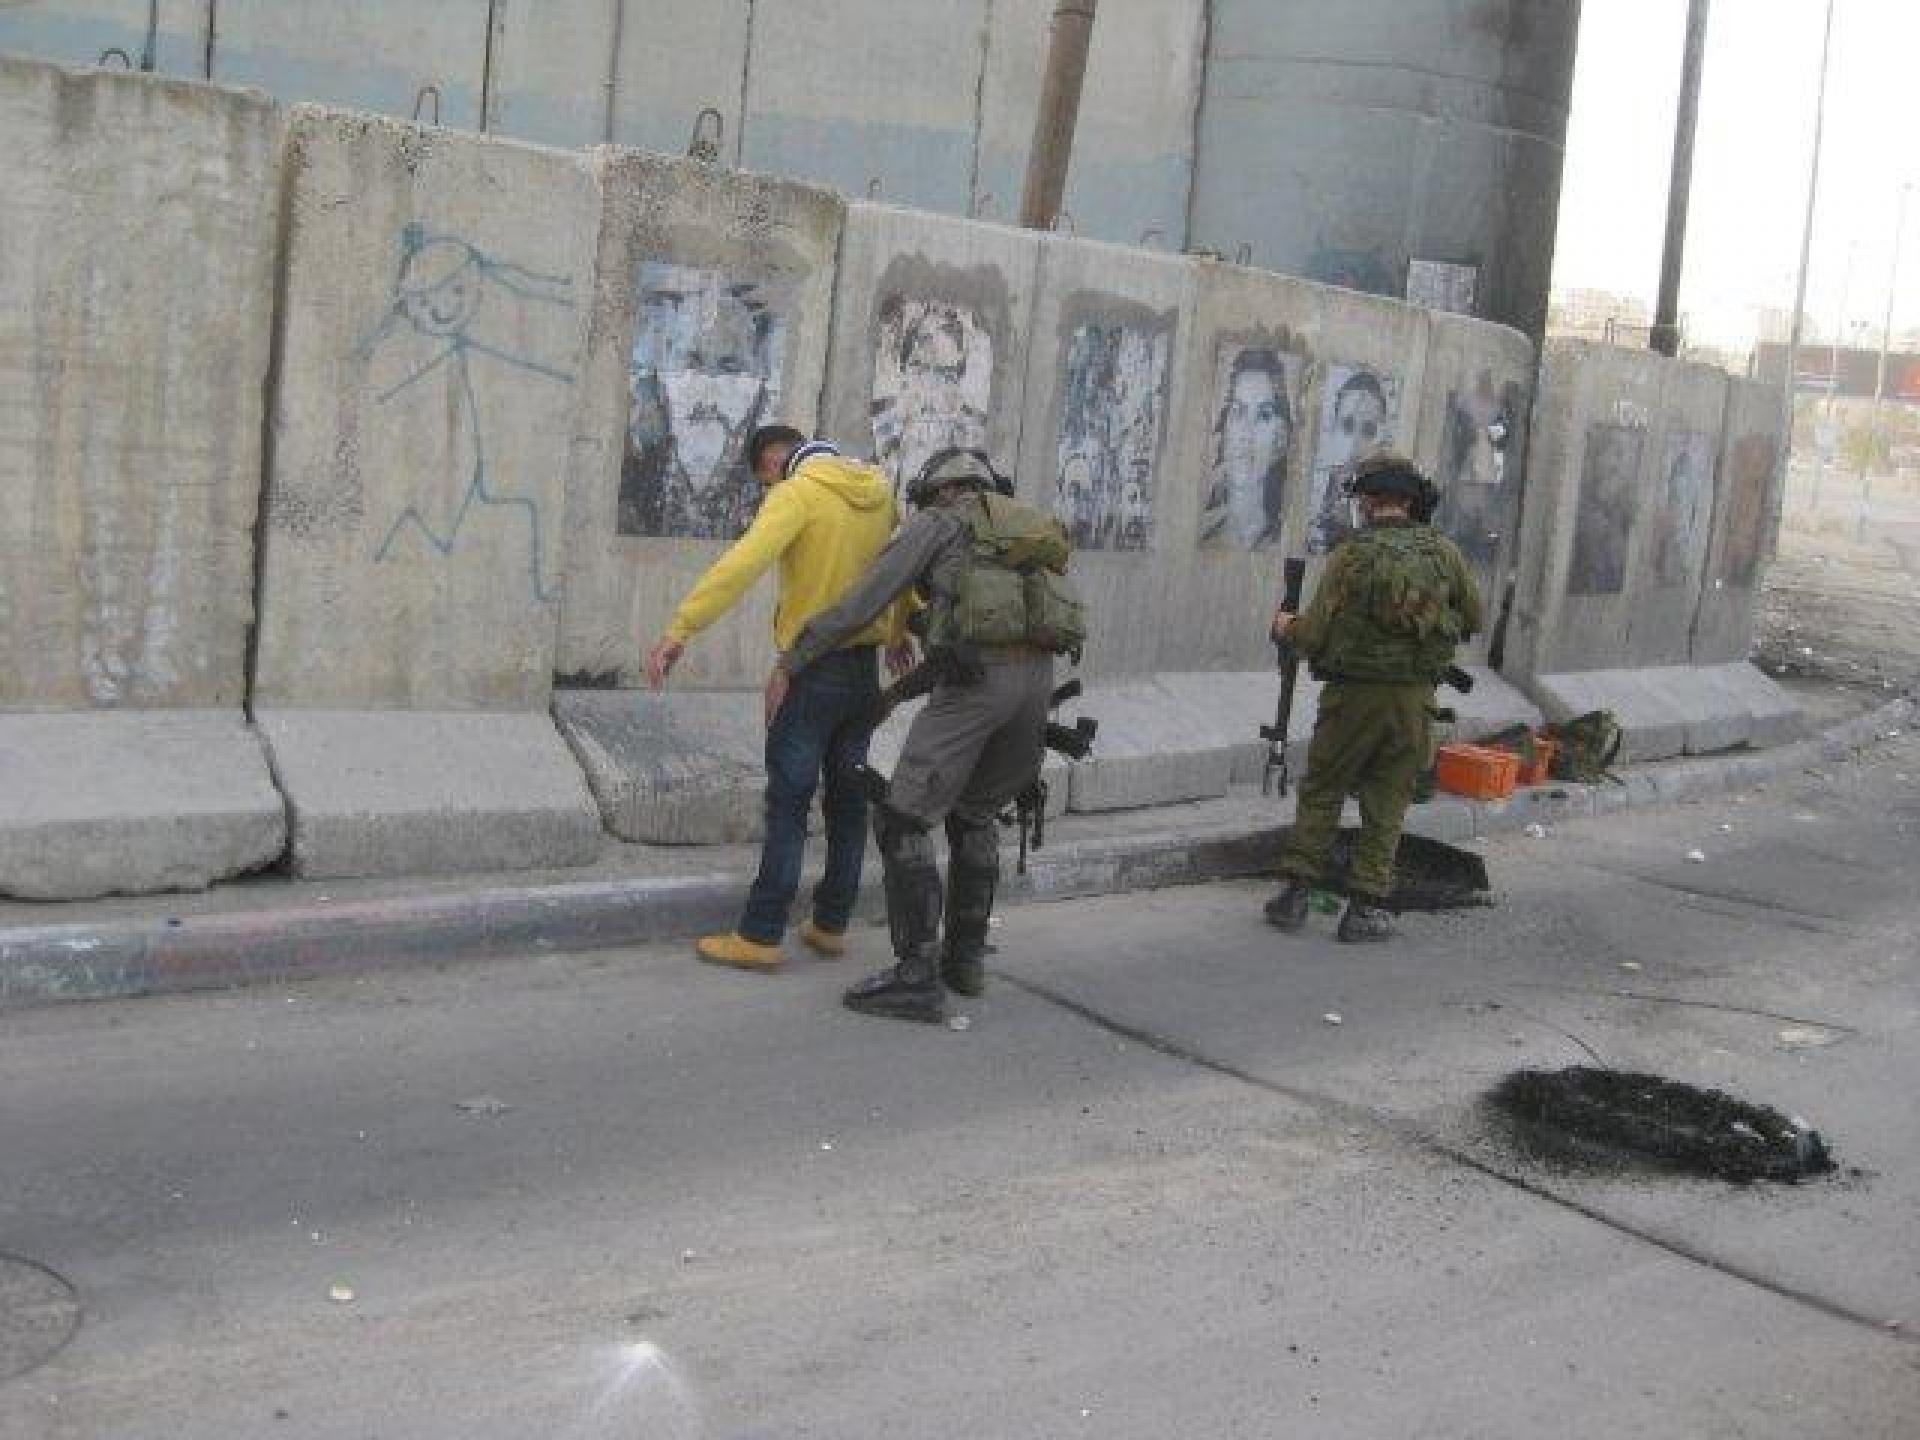 Qalandiya checkpoint 24.02.13